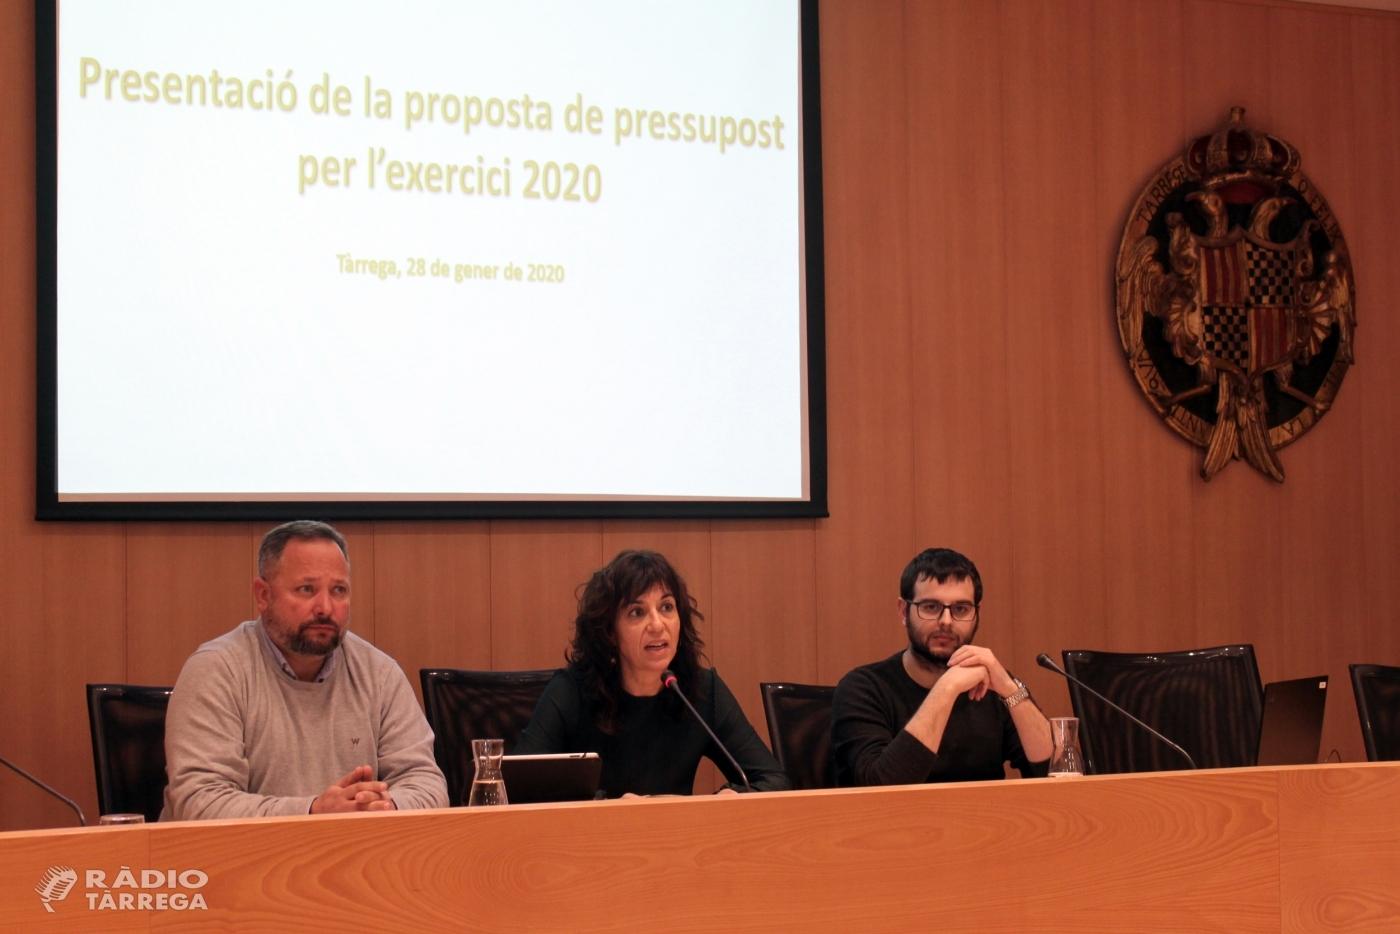 L'Ajuntament de Tàrrega impulsa un nou pressupost municipal de 17,8 milions d'euros que aposta per les àrees socials, l'educació i la cultura